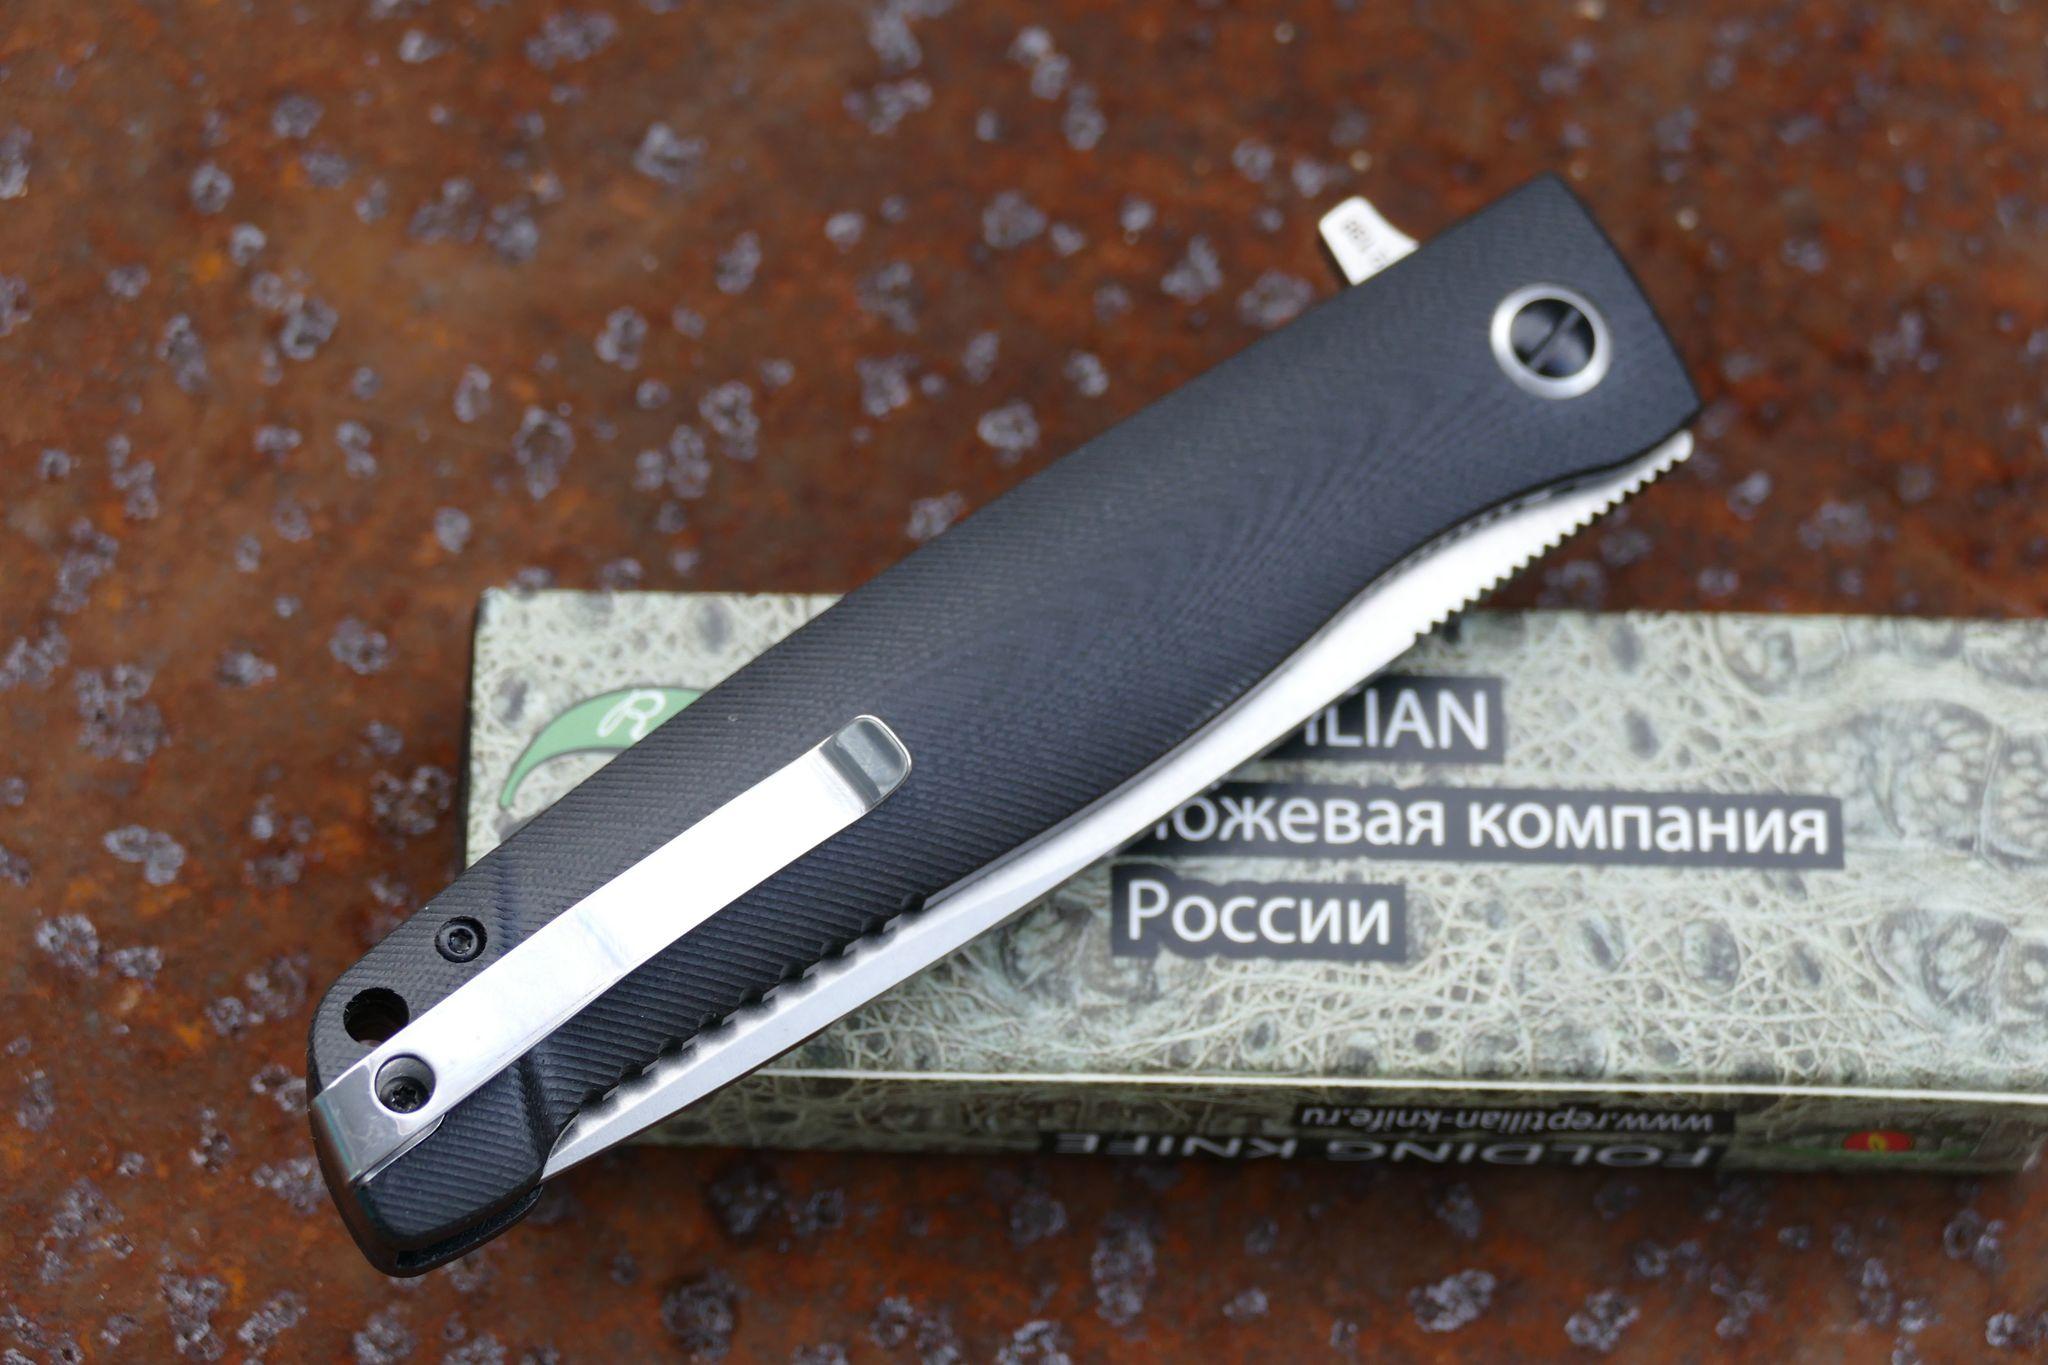 Фото 4 - Складной нож Карат 3 от Reptilian